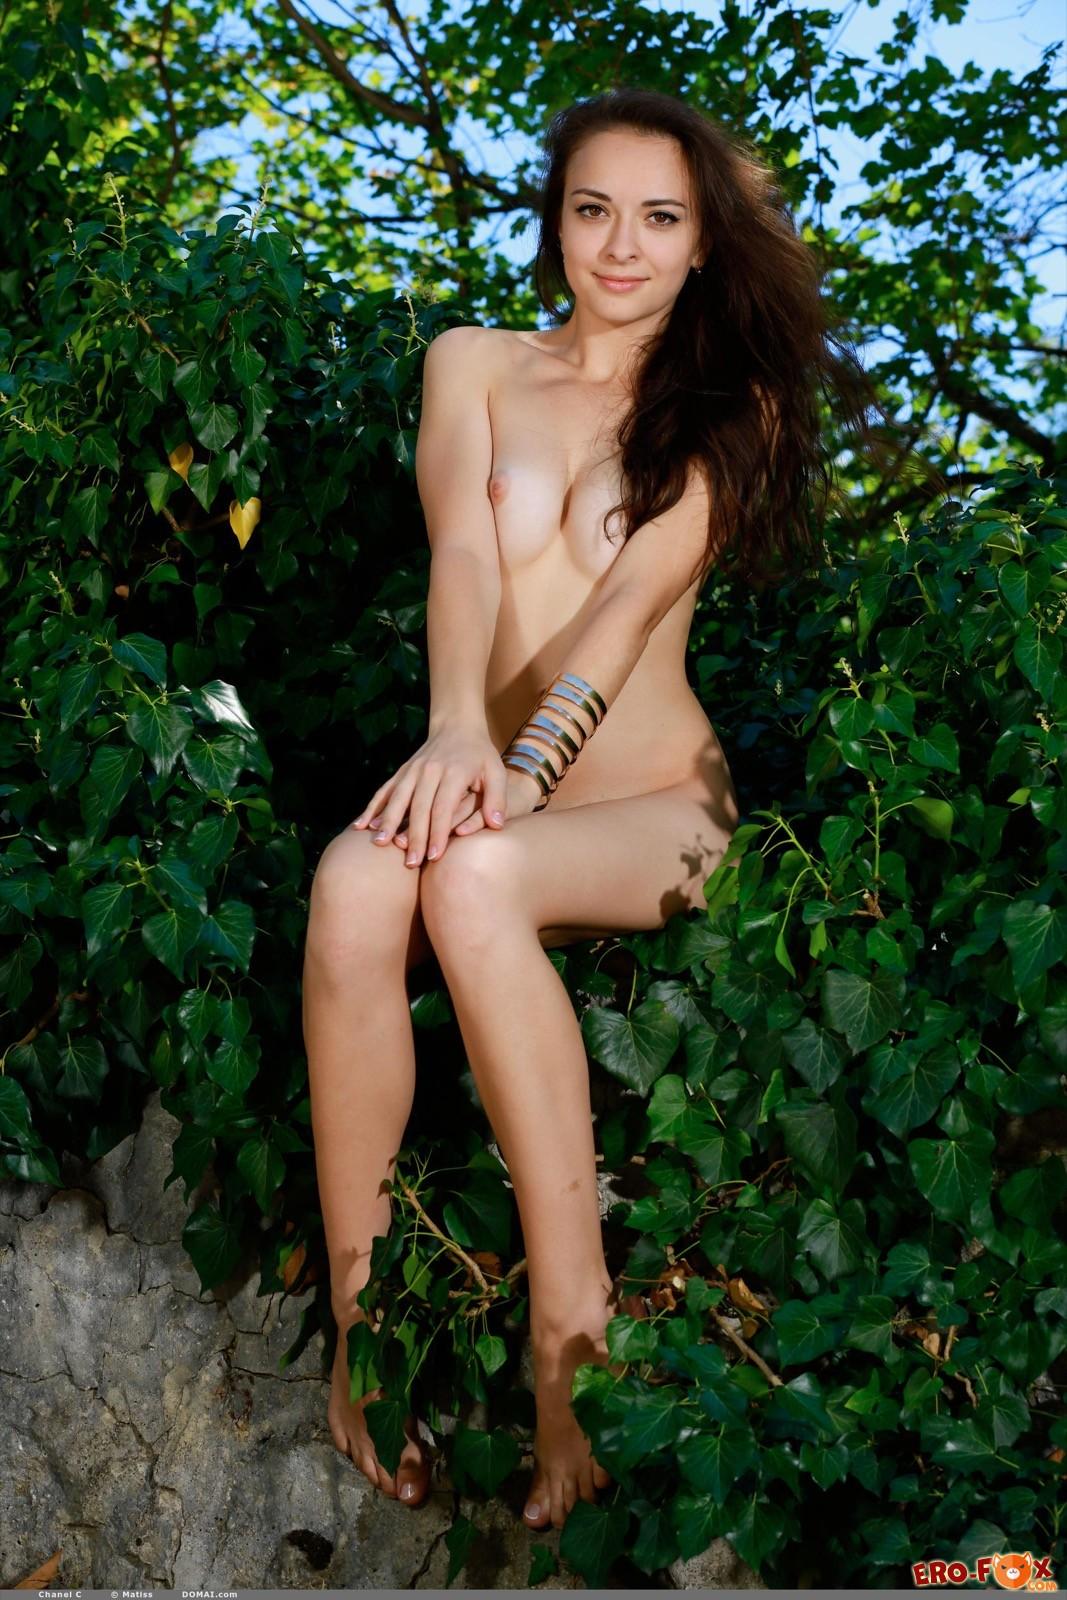 Голенькая девушка с красивой попкой в кустах